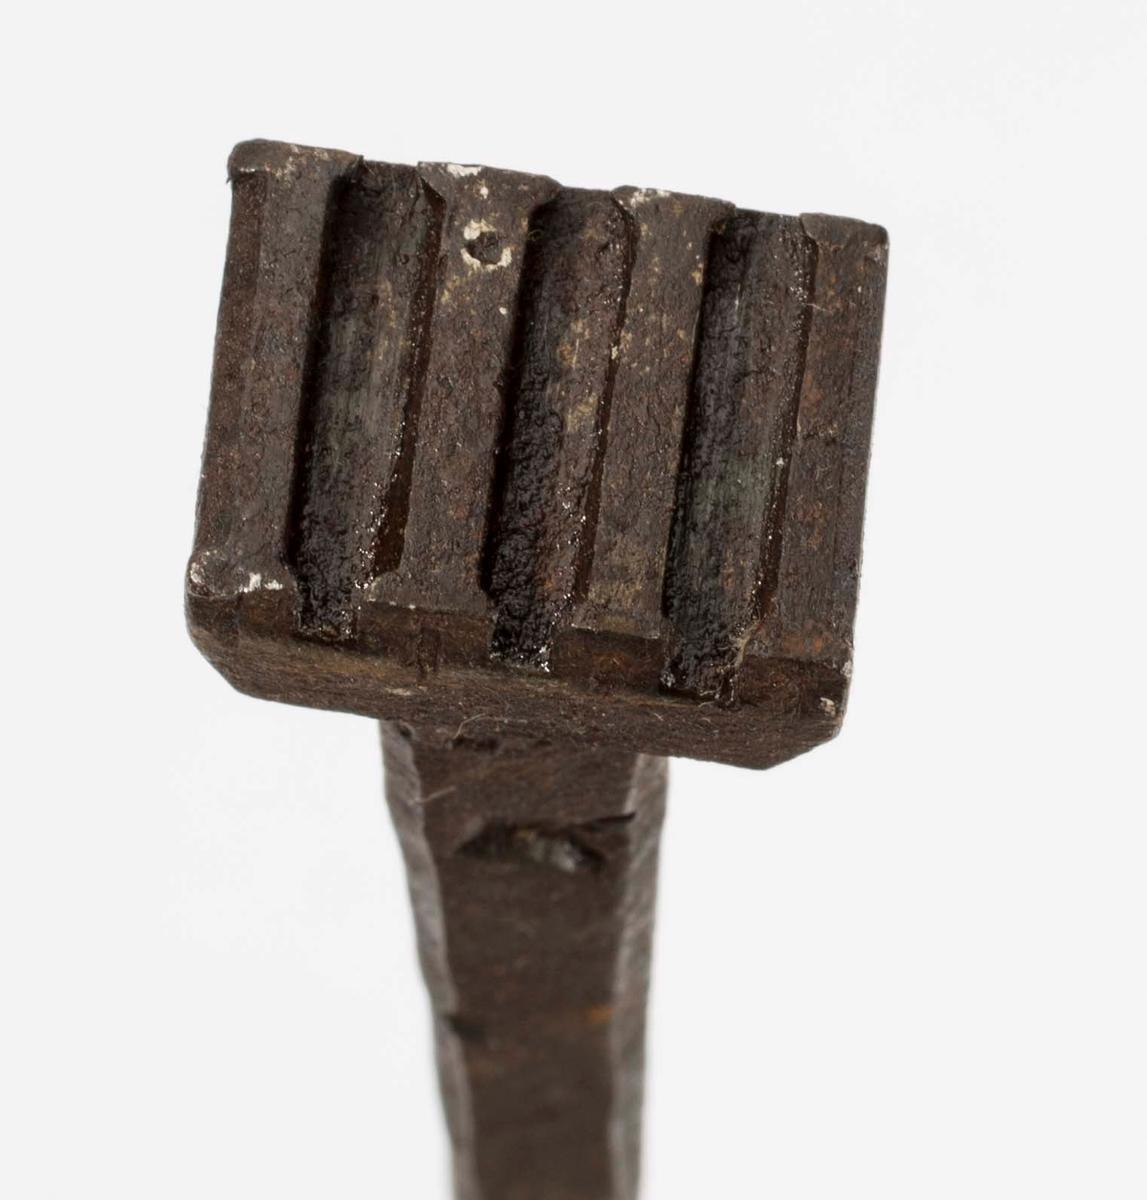 """"""" Svijern for romertall."""" NTM: """"Fra snekkerverkst. loft i Kongsberg. Med disse jern merket man veggene når disse ble revet for å flyttes, numrene ble svidd inn. Disse jern har romertall."""" Jernet har romertall IIII. Stilisert krone stemplet inn. Dreid trehåndtak. Jf. BVM 329, 3916-3917 og 3919-3920."""